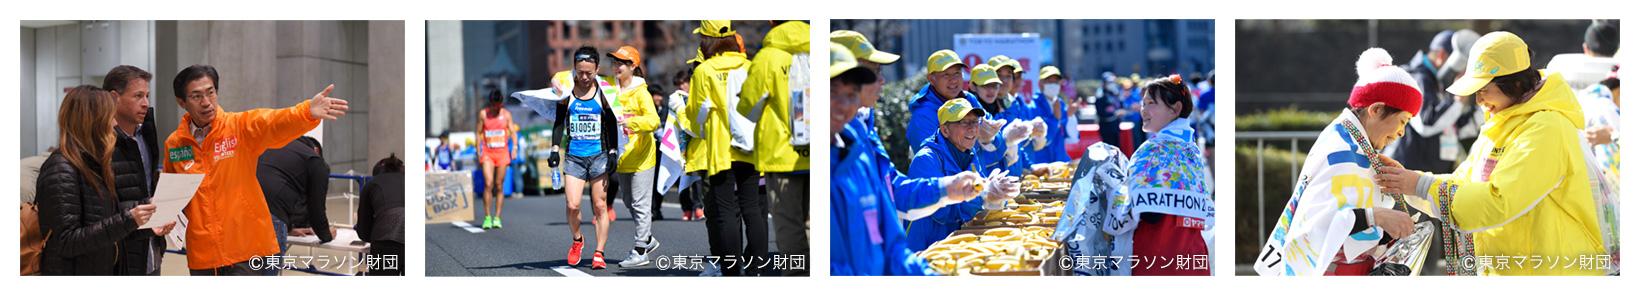 マラソン②-2